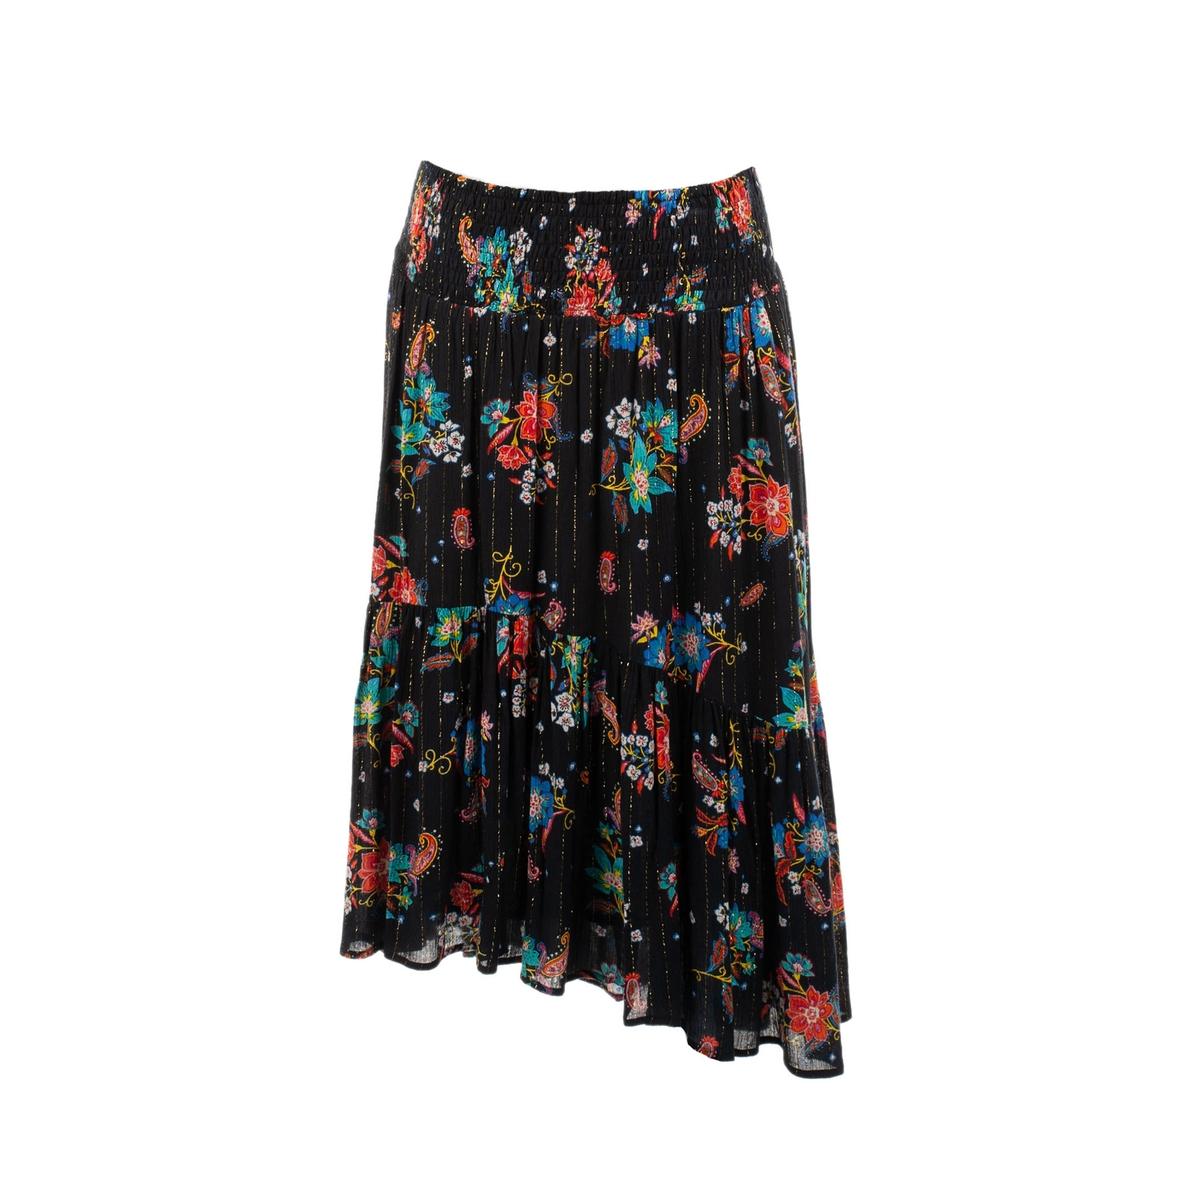 Юбка La Redoute Расклешенная с цветочным рисунком M черный юбка la redoute короткая расклешенная с цветочным рисунком и оборками на поясе xs бежевый